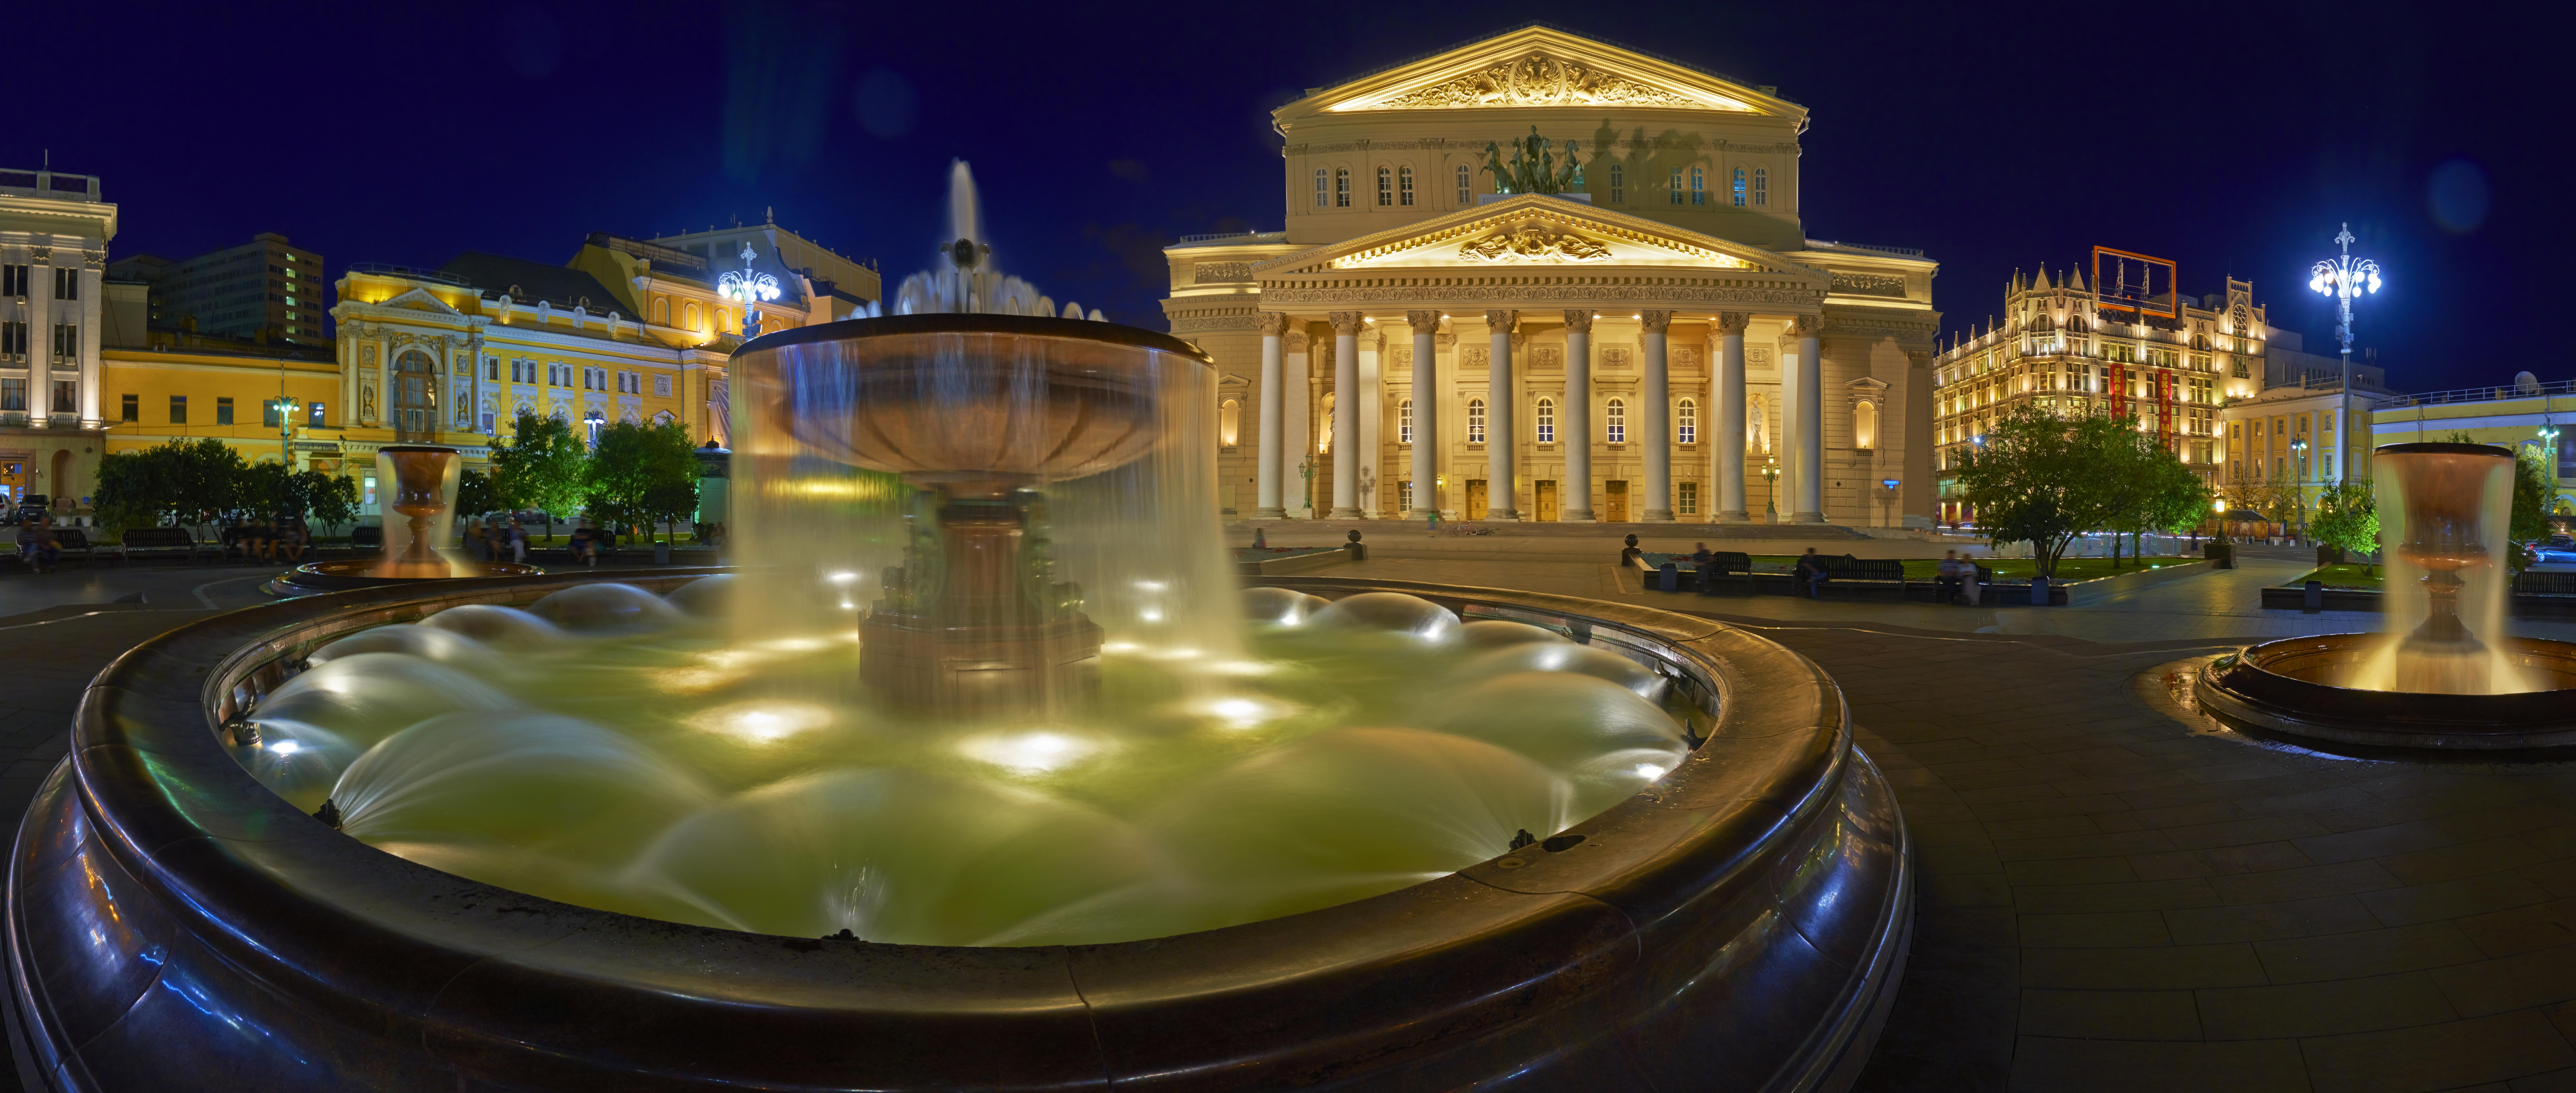 Disfruta del mejor ballet del mundo en el Bolshoi - Rusia Circuito Rusia Imperial I